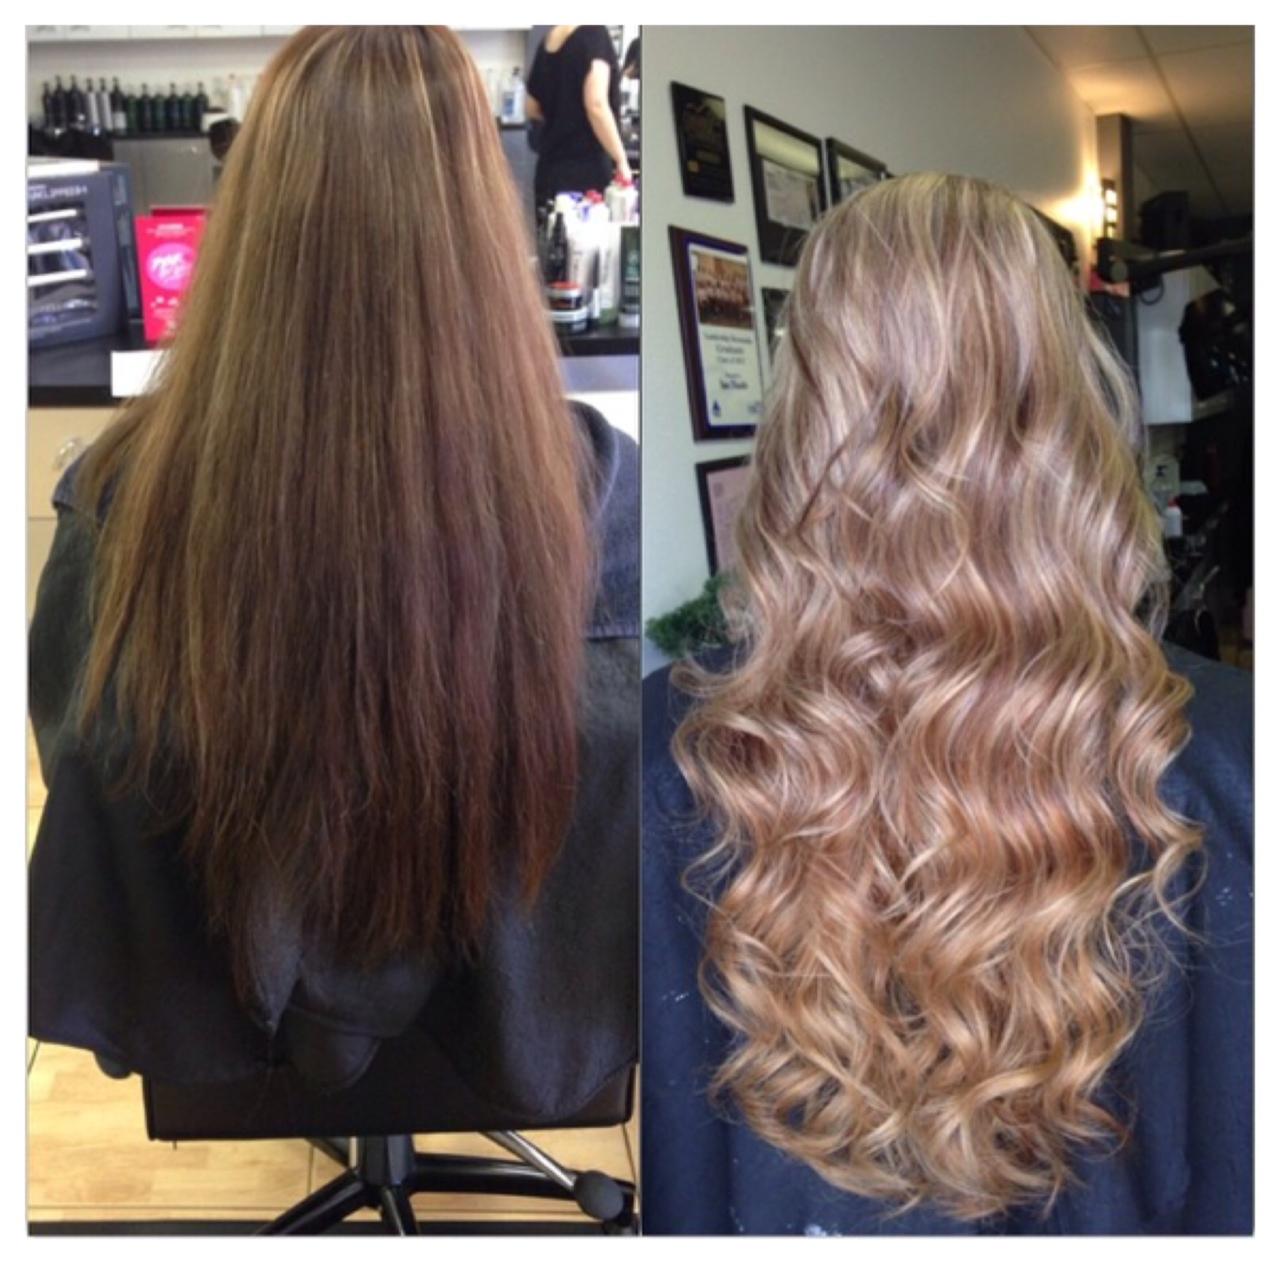 Long Hair Lightens Up